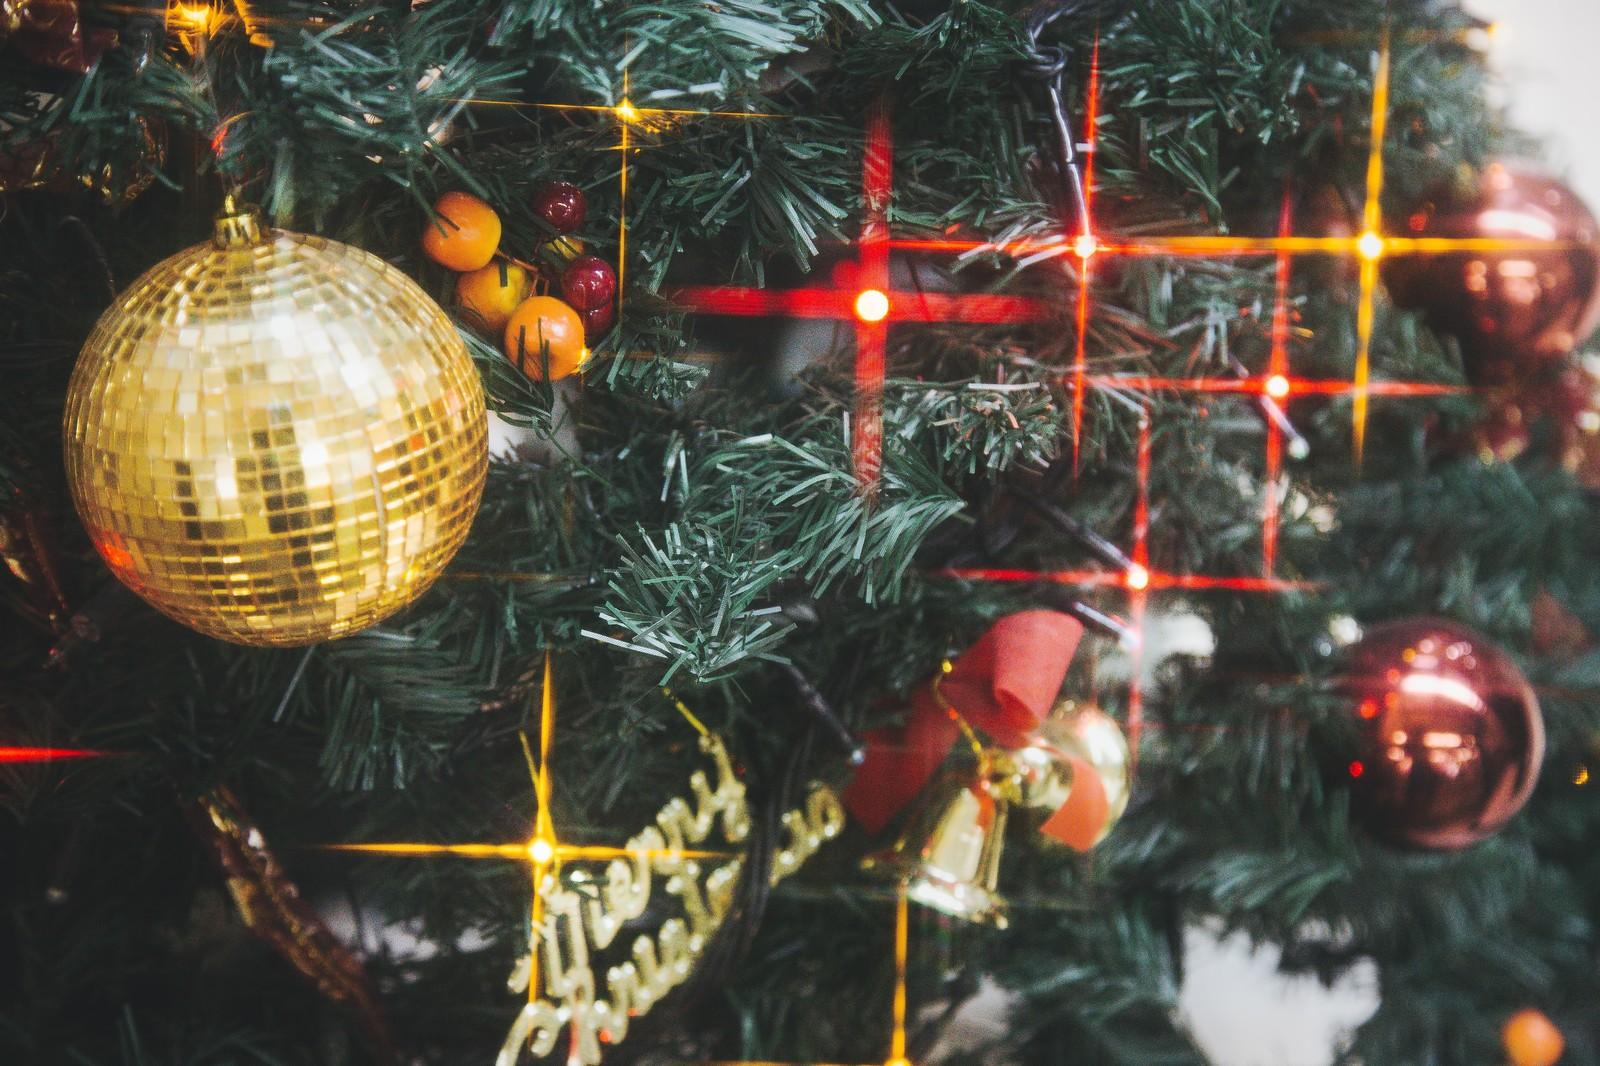 ママ友とのクリスマス会の場所!飾りつけや料理の負担を減らすアイデア♪